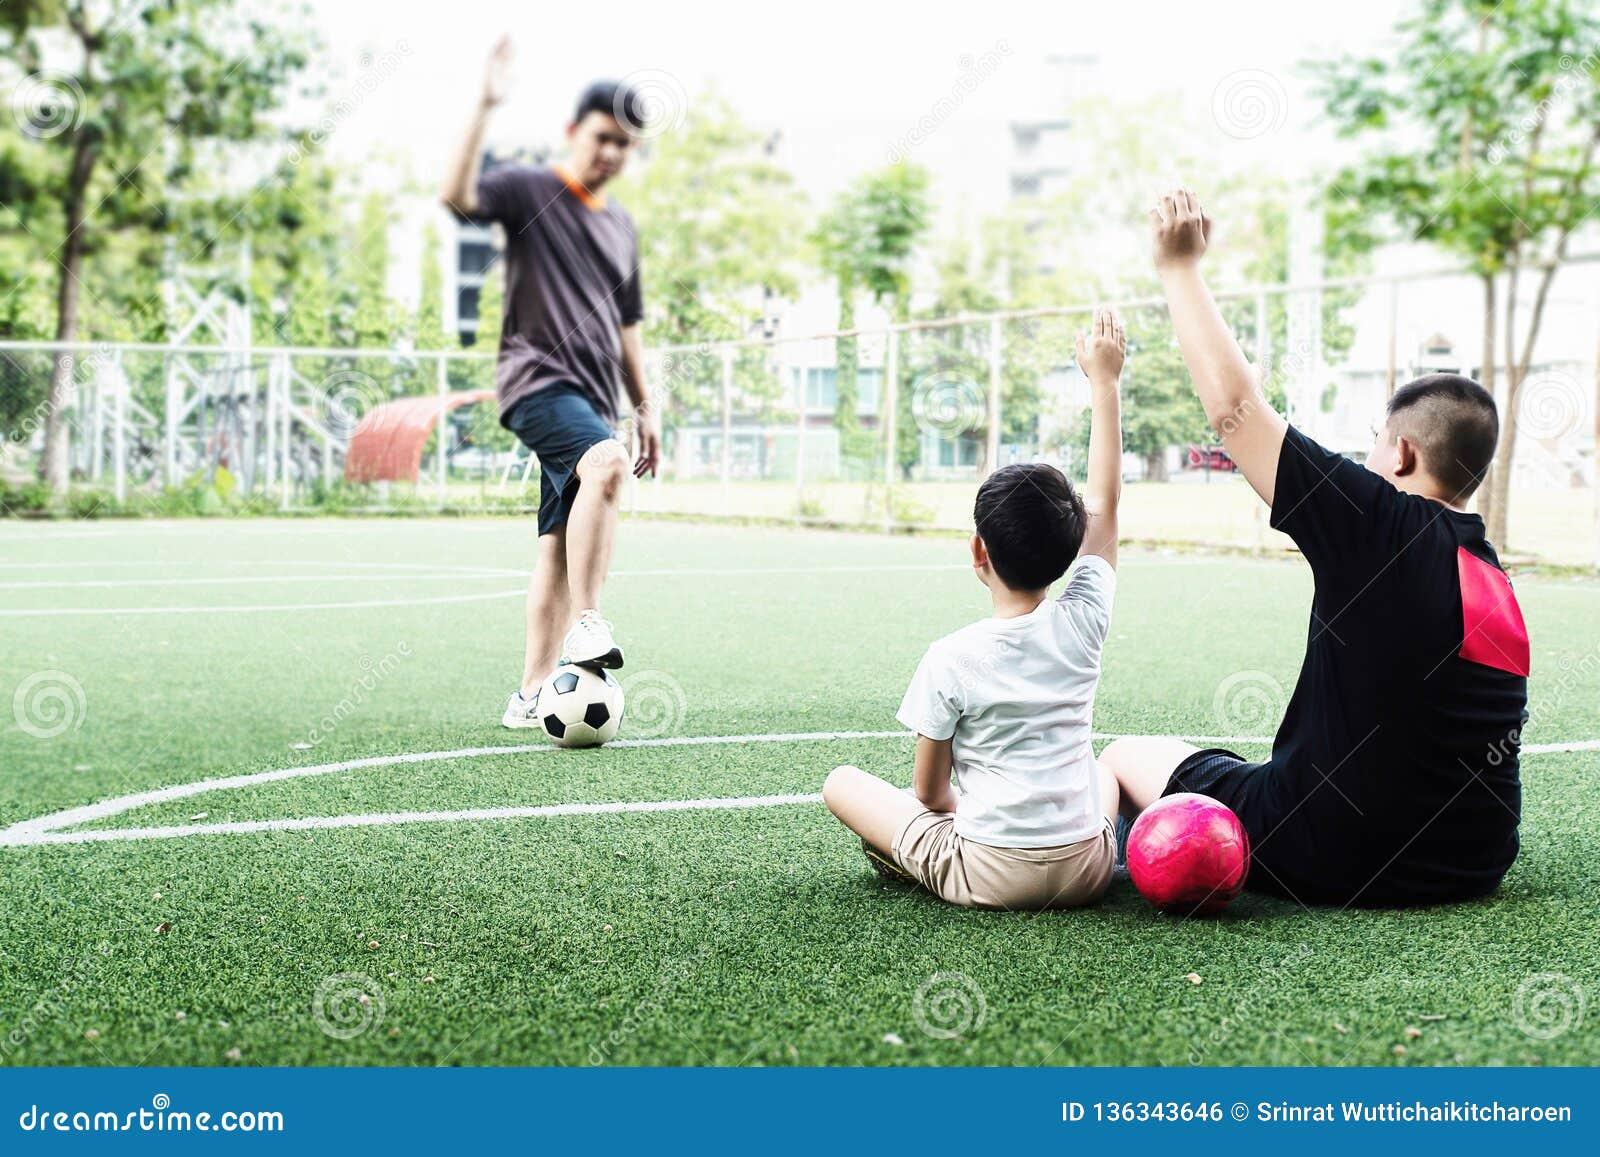 Il papà prepara i suoi bambini come giocar a calcioe